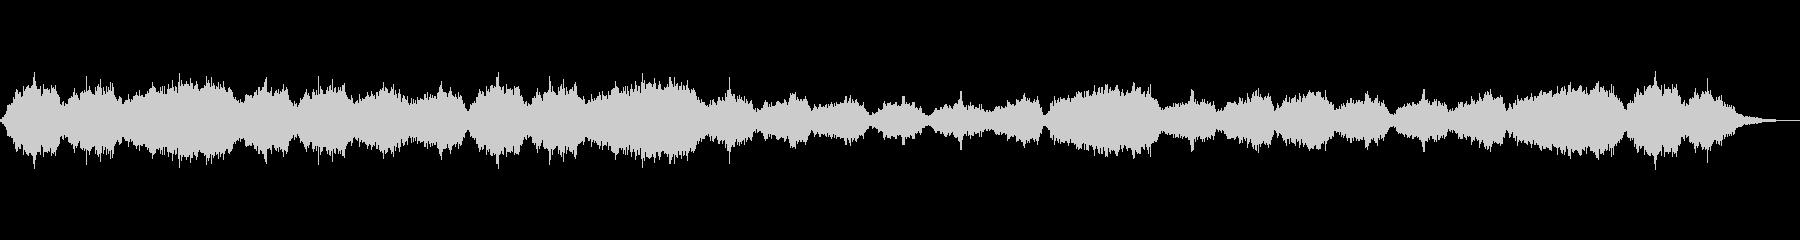 エヴァンゲリオン テクスチャーの未再生の波形